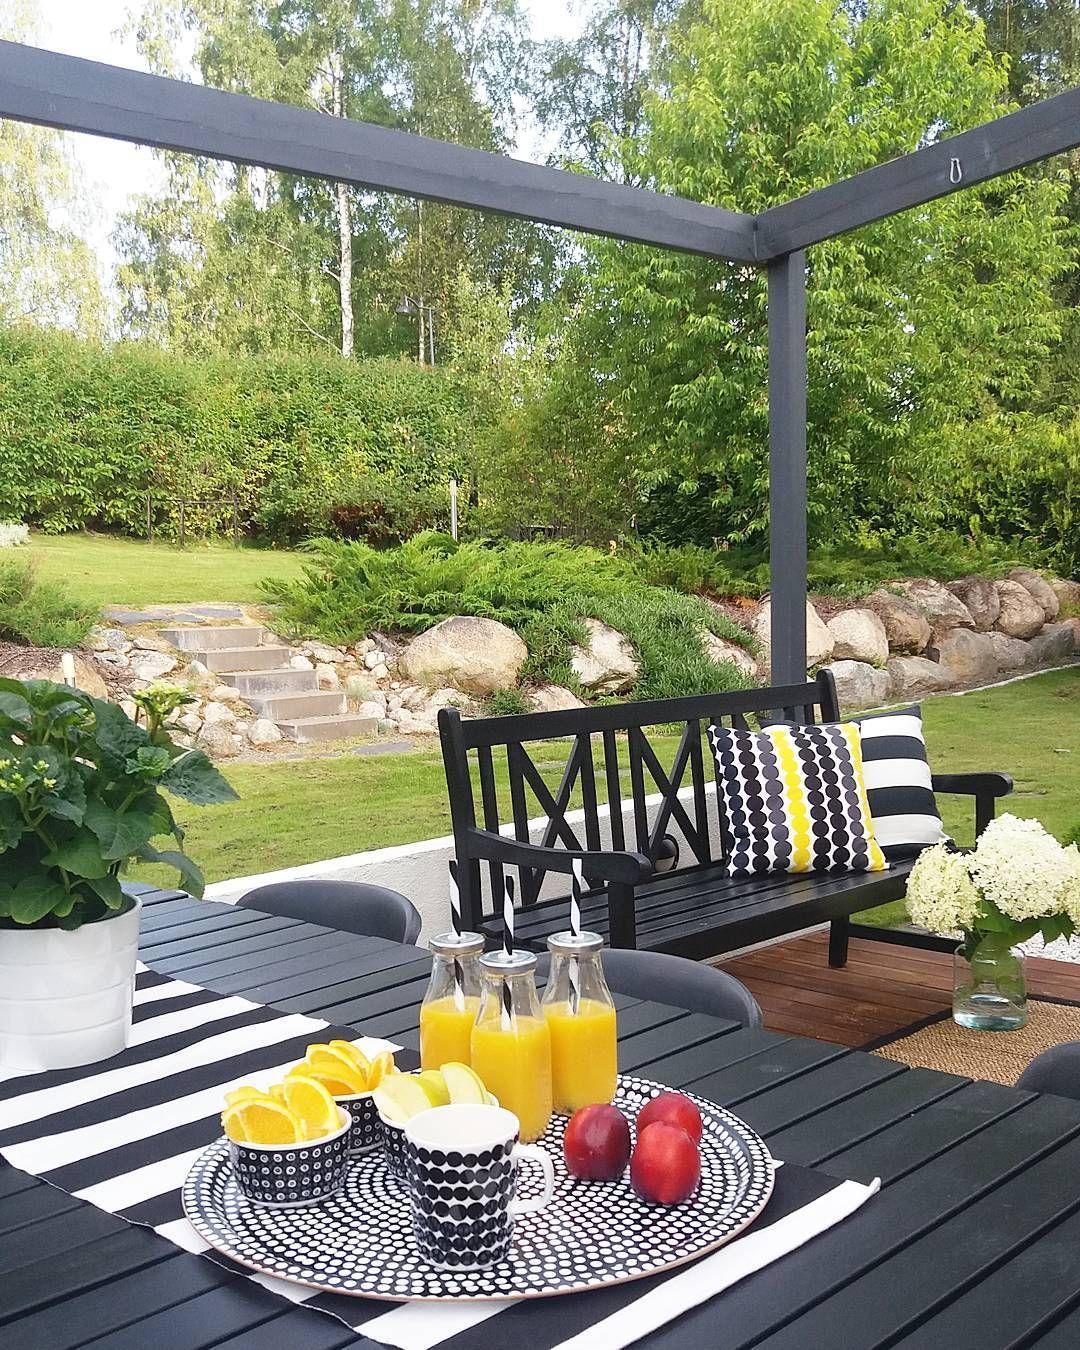 Huomenta, terassi kelit näyttää jatkuvan 👌Ihanaa päivää kaikille! 💛 Good mornig and have a nice day! 💛#terrace #summer #goodmorning #marimekko #marimekkodesignhouse #inspiroivakoti #etuovisisustus #nordicminimalism #garden #mynordicroom